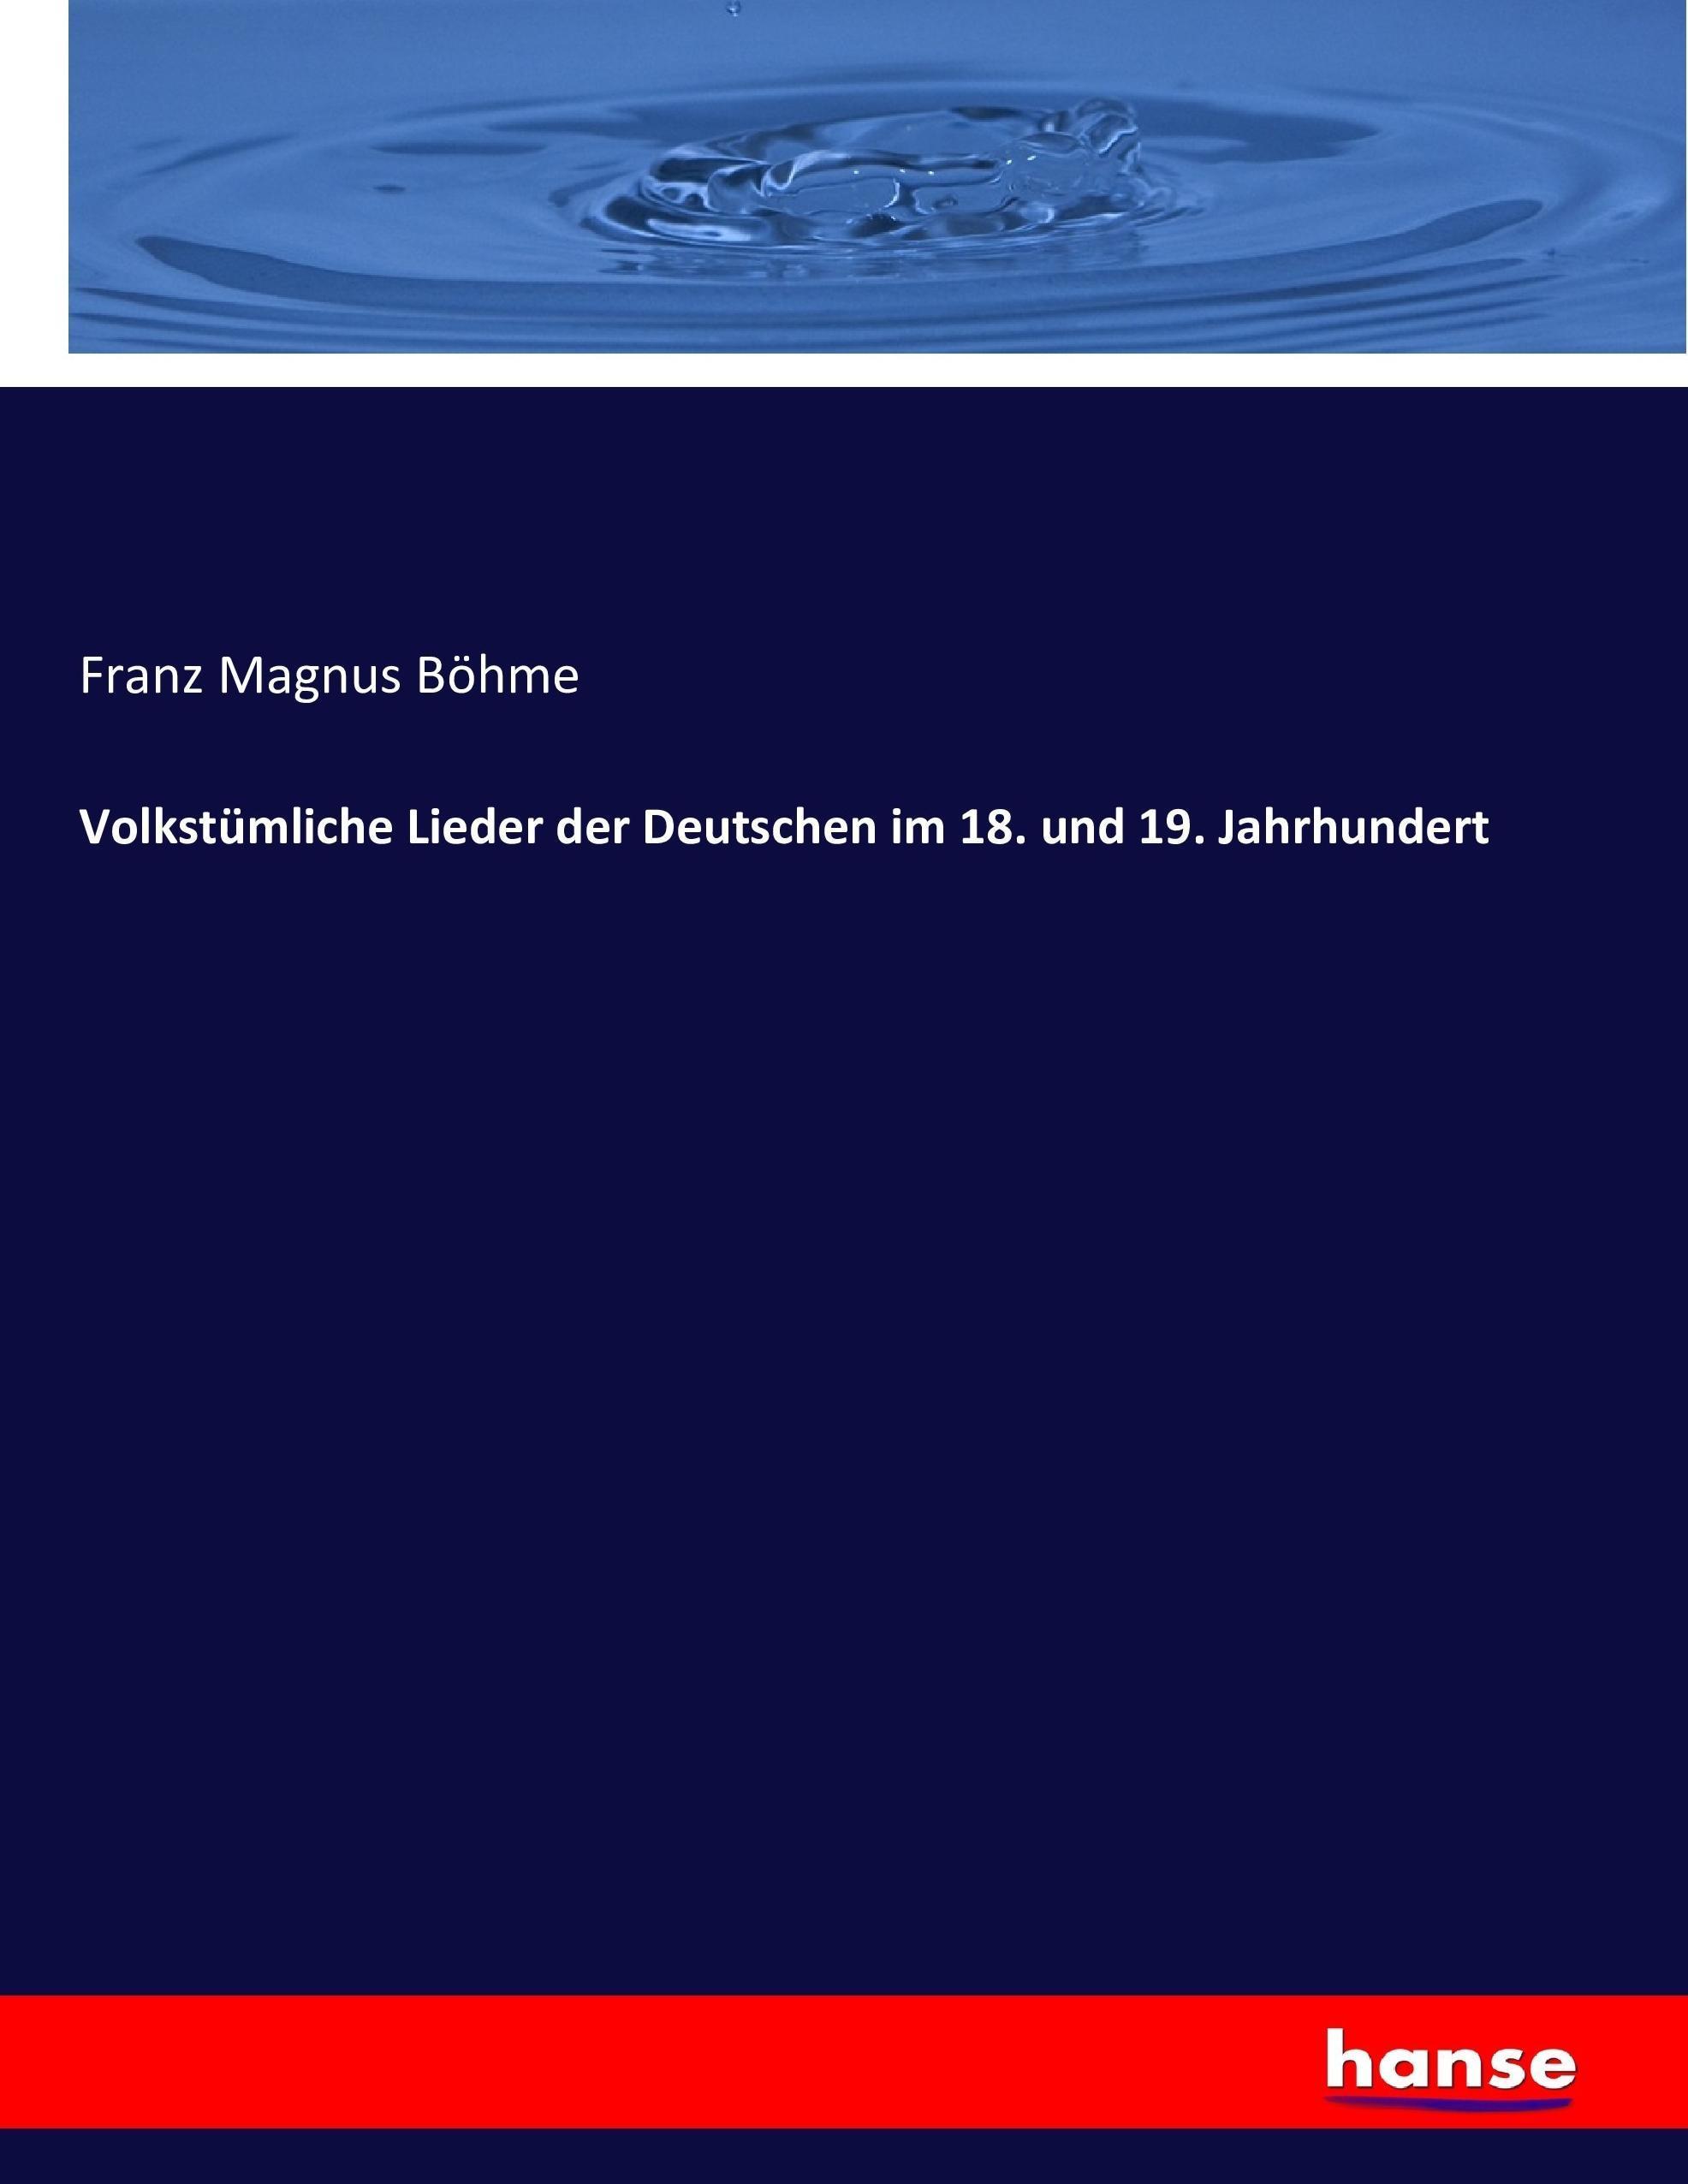 Volkstuemliche-Lieder-der-Deutschen-im-18-und-19-Jahrhundert-Franz-Magnus